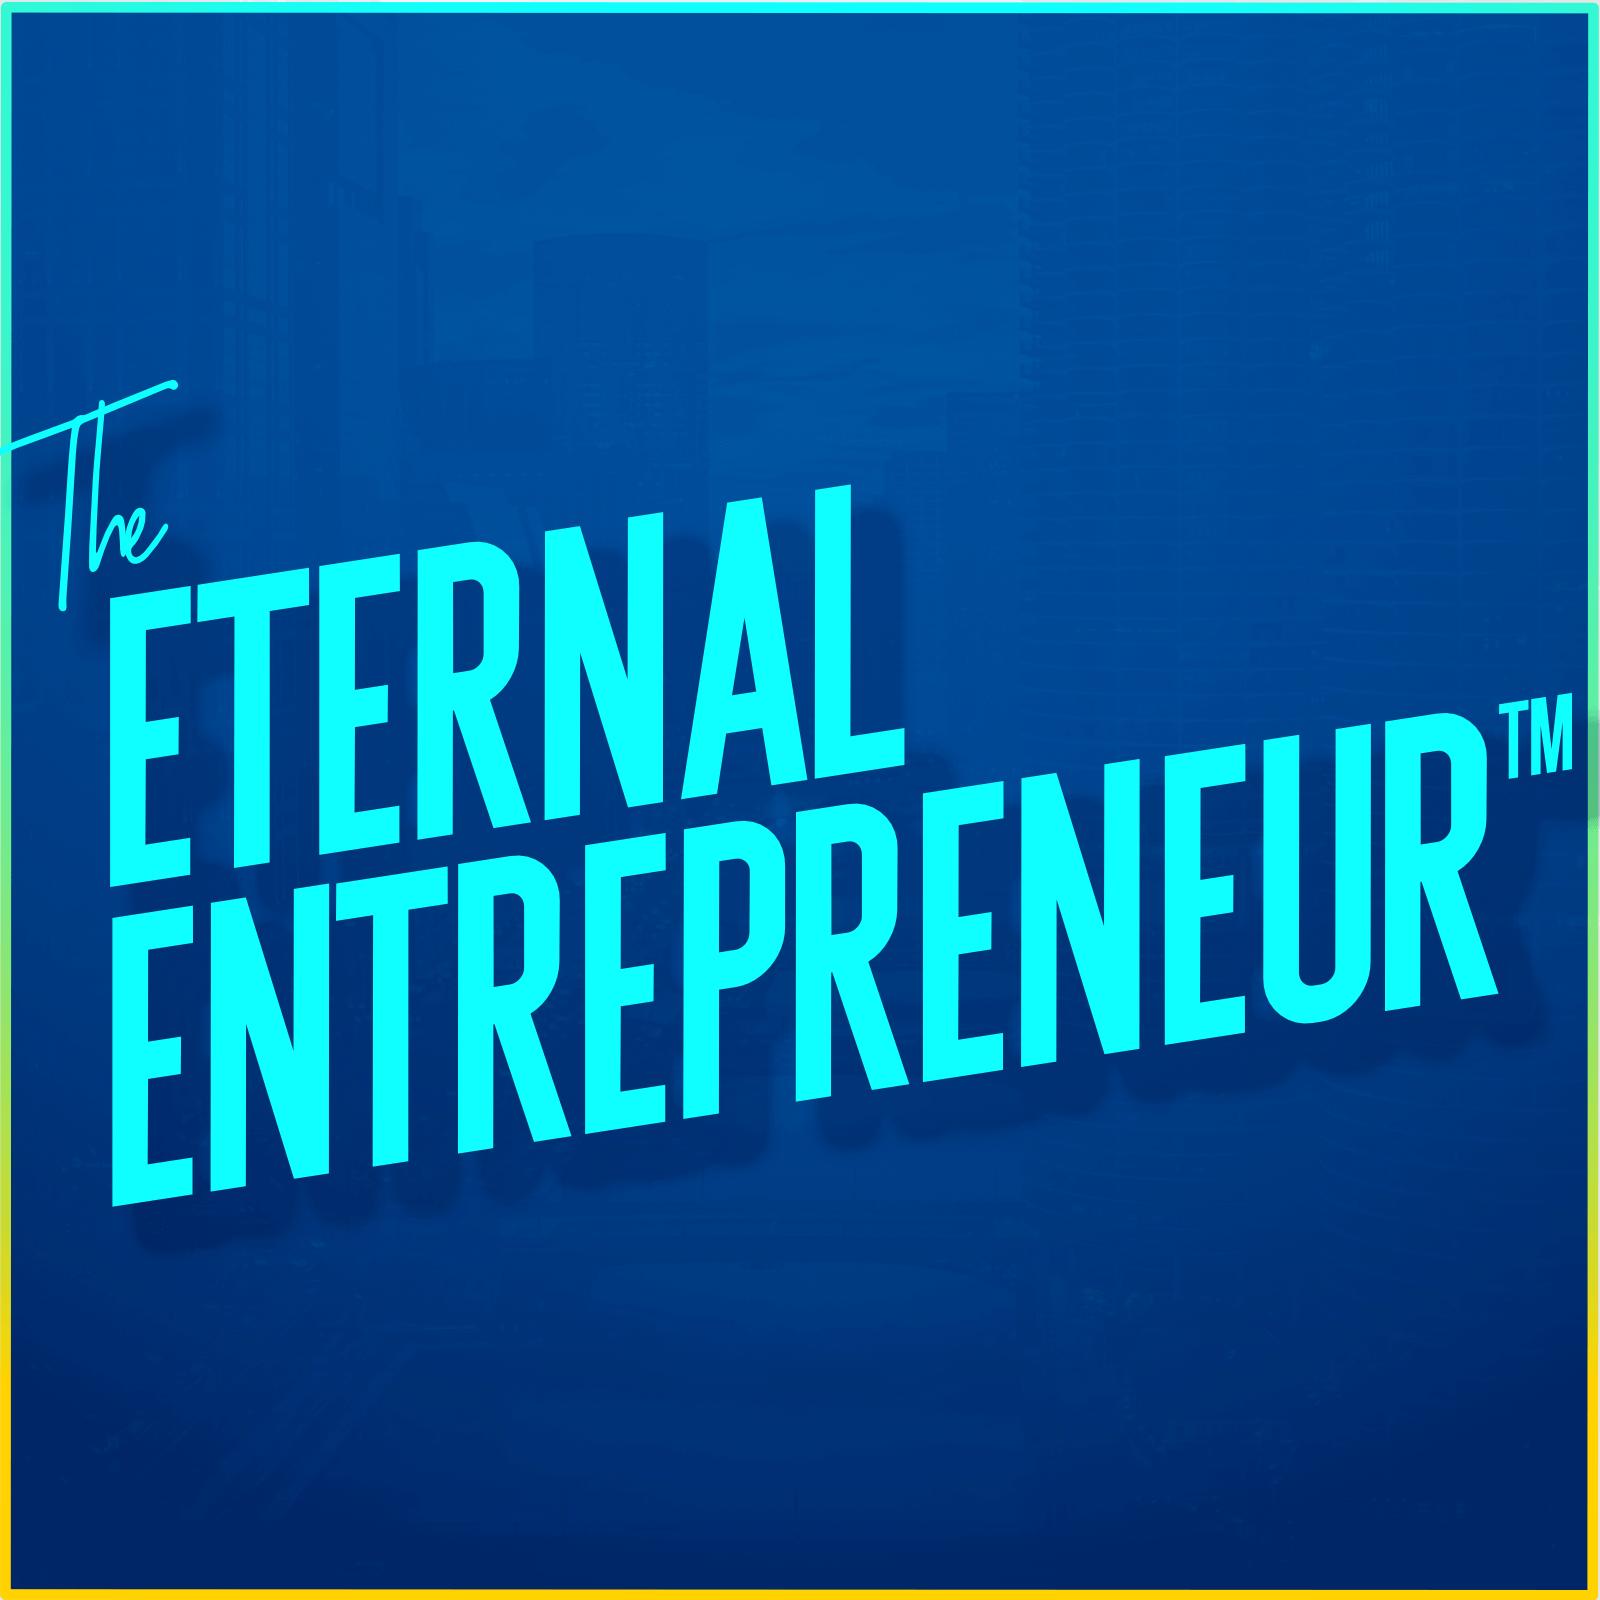 Artwork for podcast Eternal Entrepreneur—Equipping Christian Businesses